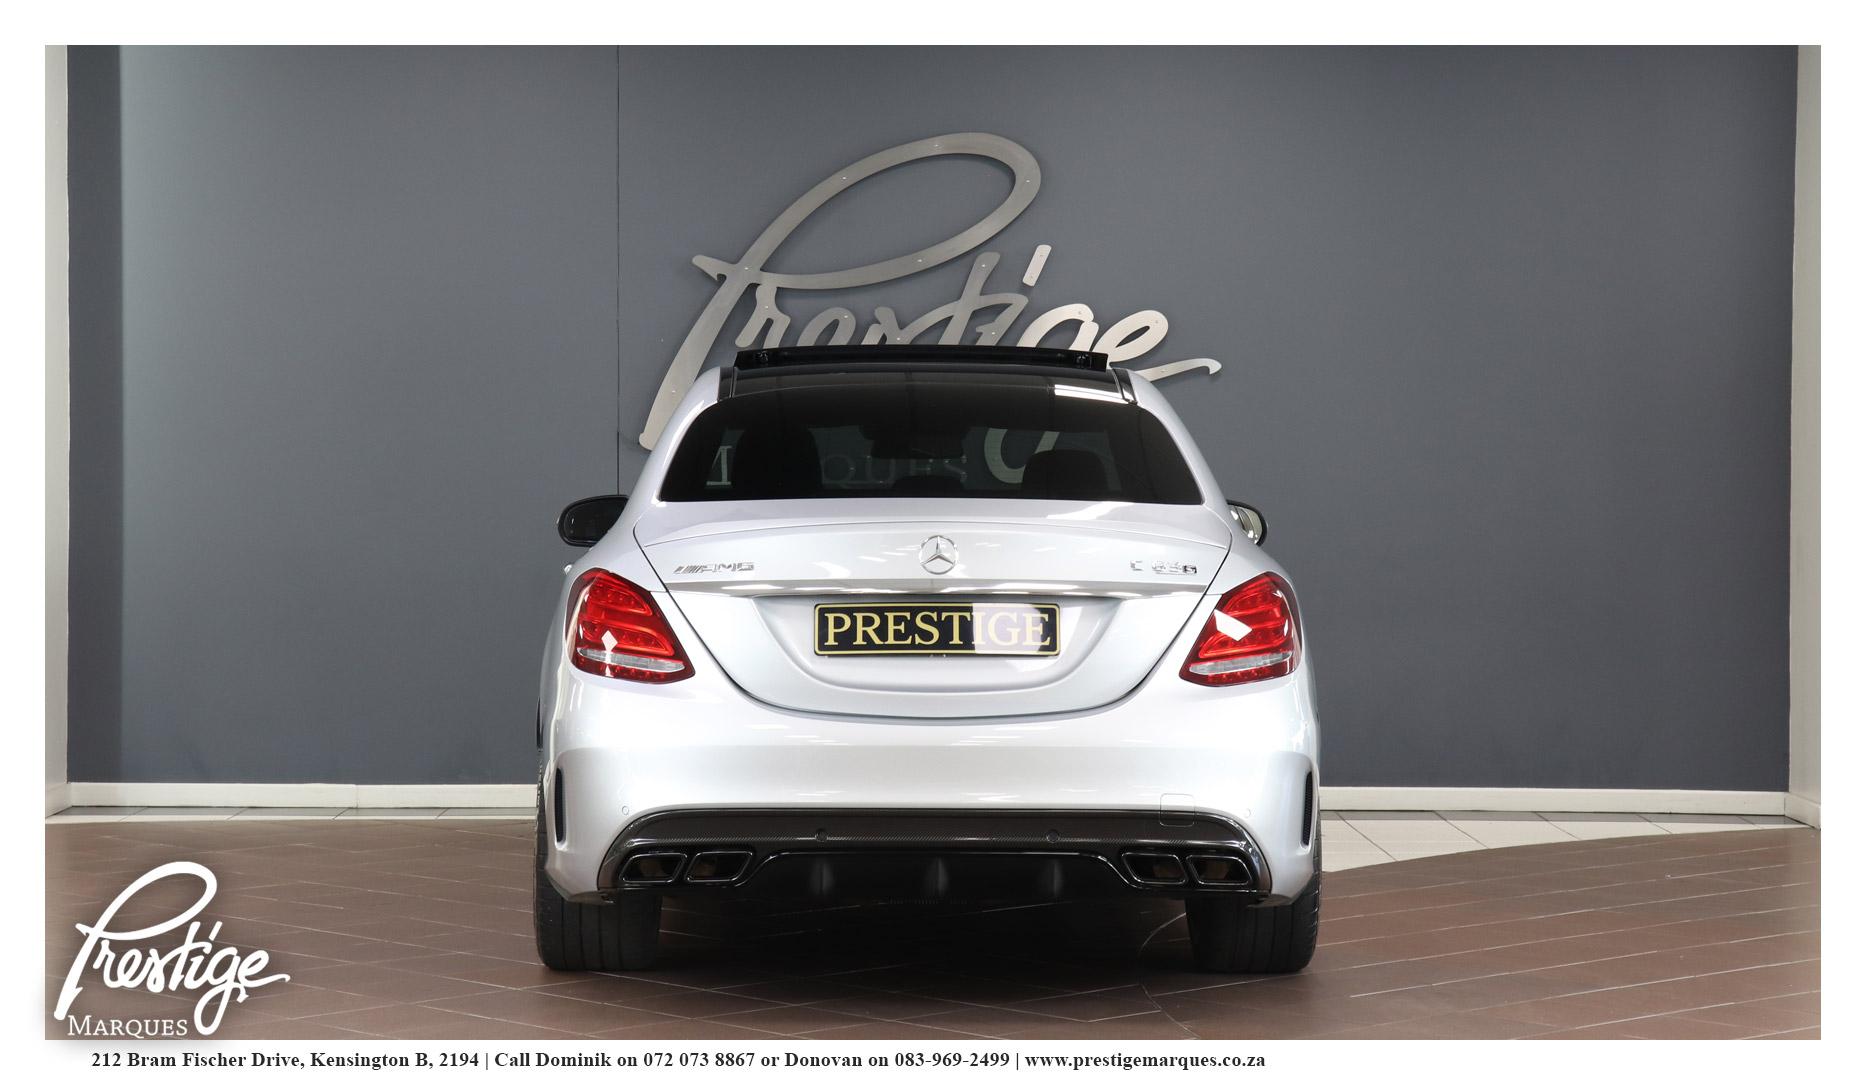 Mercedes-Benz-C63s-AMG-Prestige-Marques-4